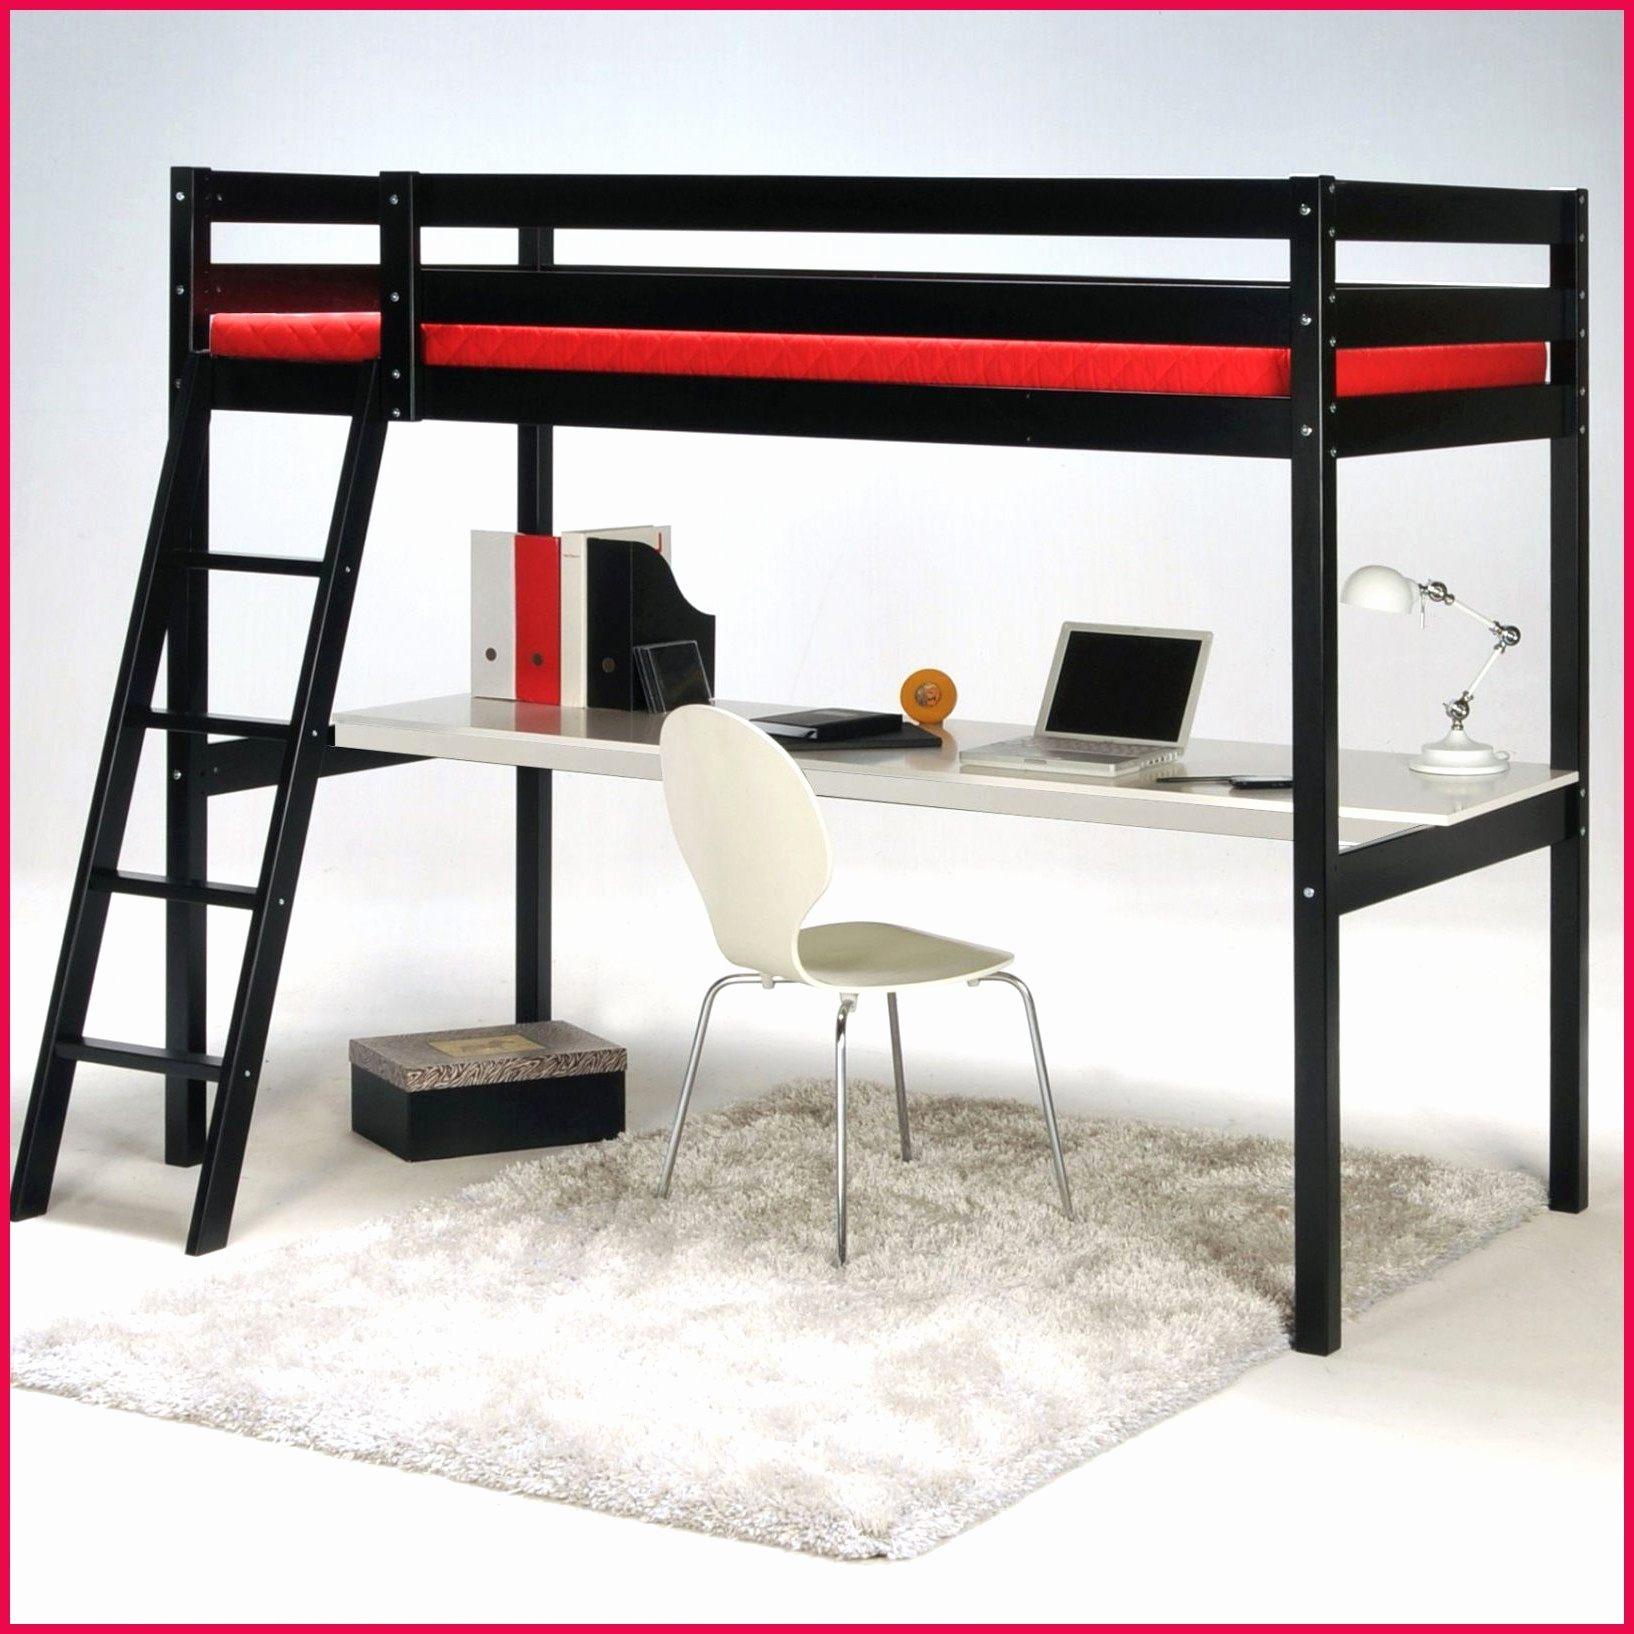 Lit Double Mezzanine Le Luxe Enchanteur Lit Mezzanine Avec Canape Dans Lit Mezzanine Design Lit